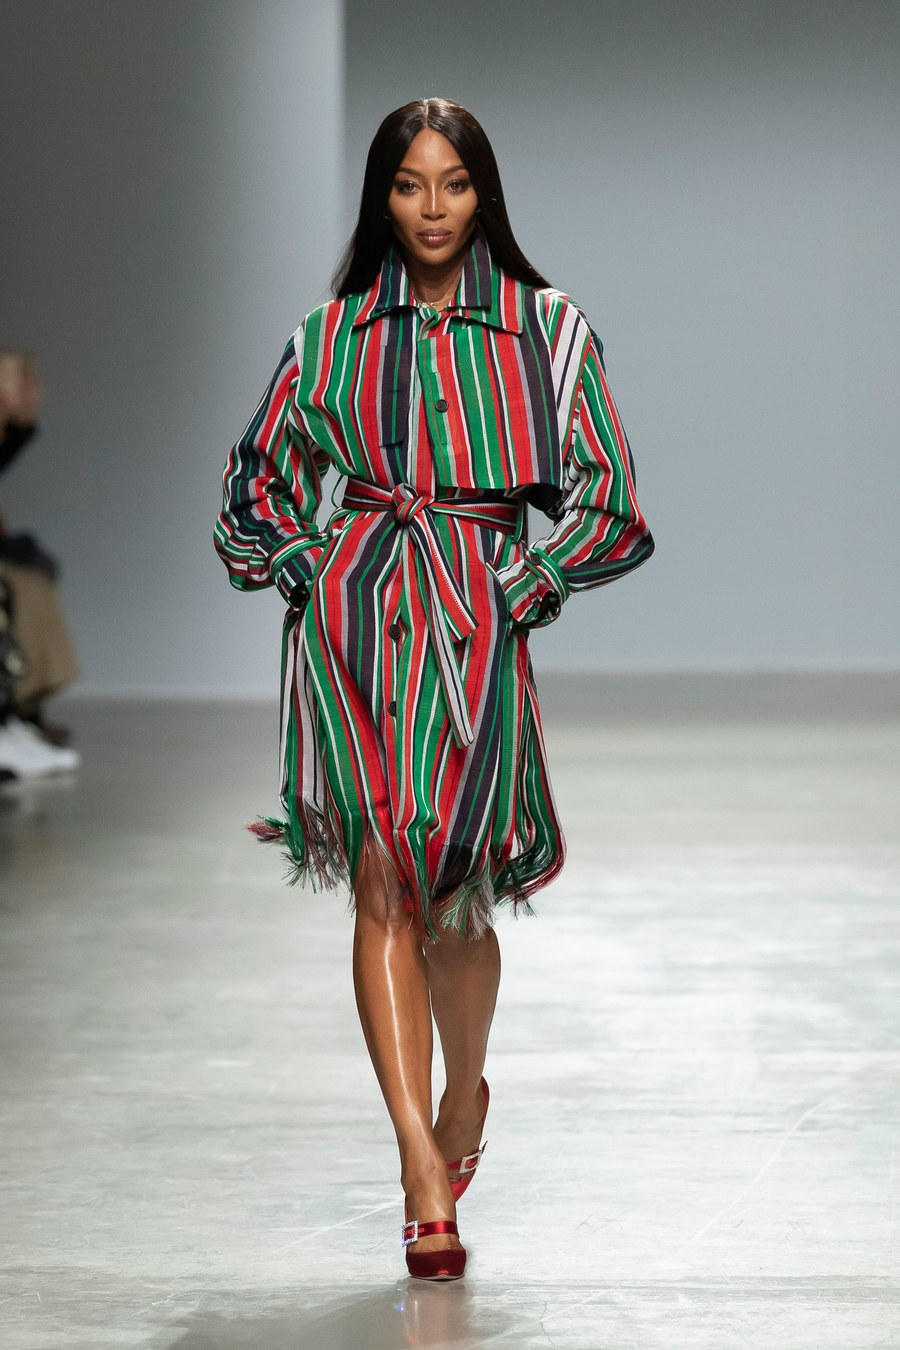 duba-fi-10-kayan-kwalliyarmu-daga-kenneth-ize-debut-tarin-a-paris-fashion-week-aw20-show